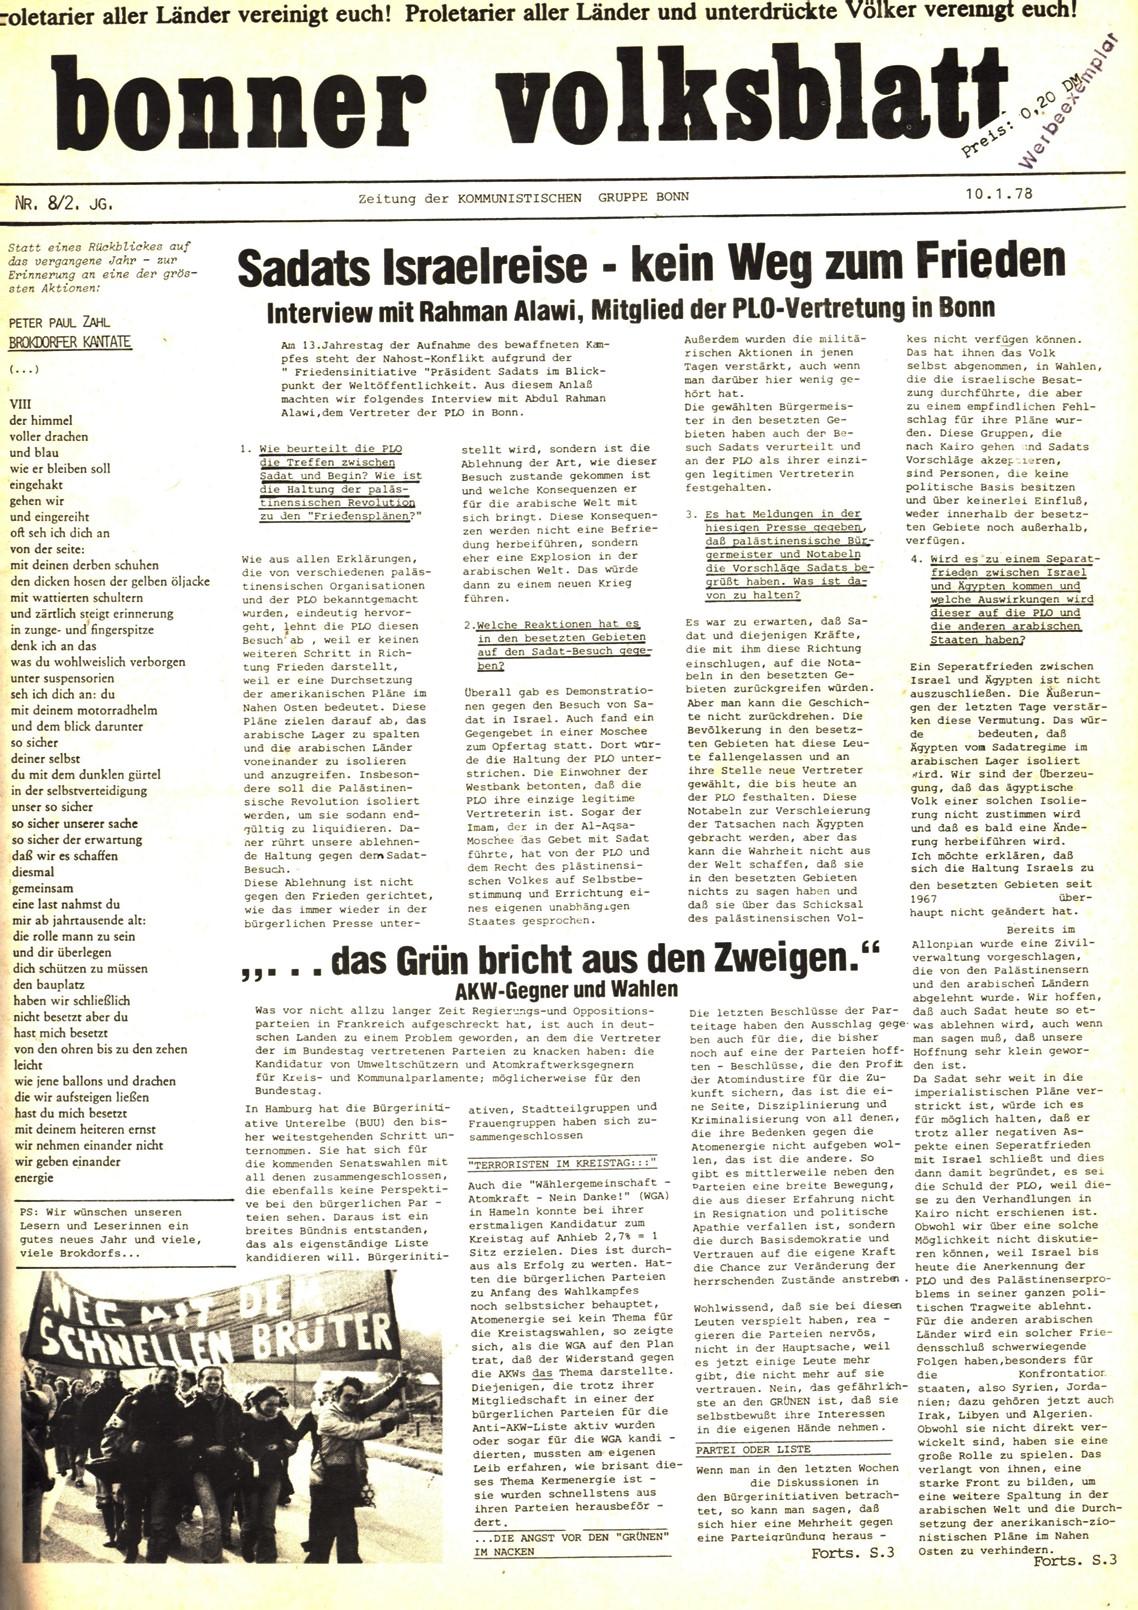 Bonner_Volksblatt_08_19780110_01